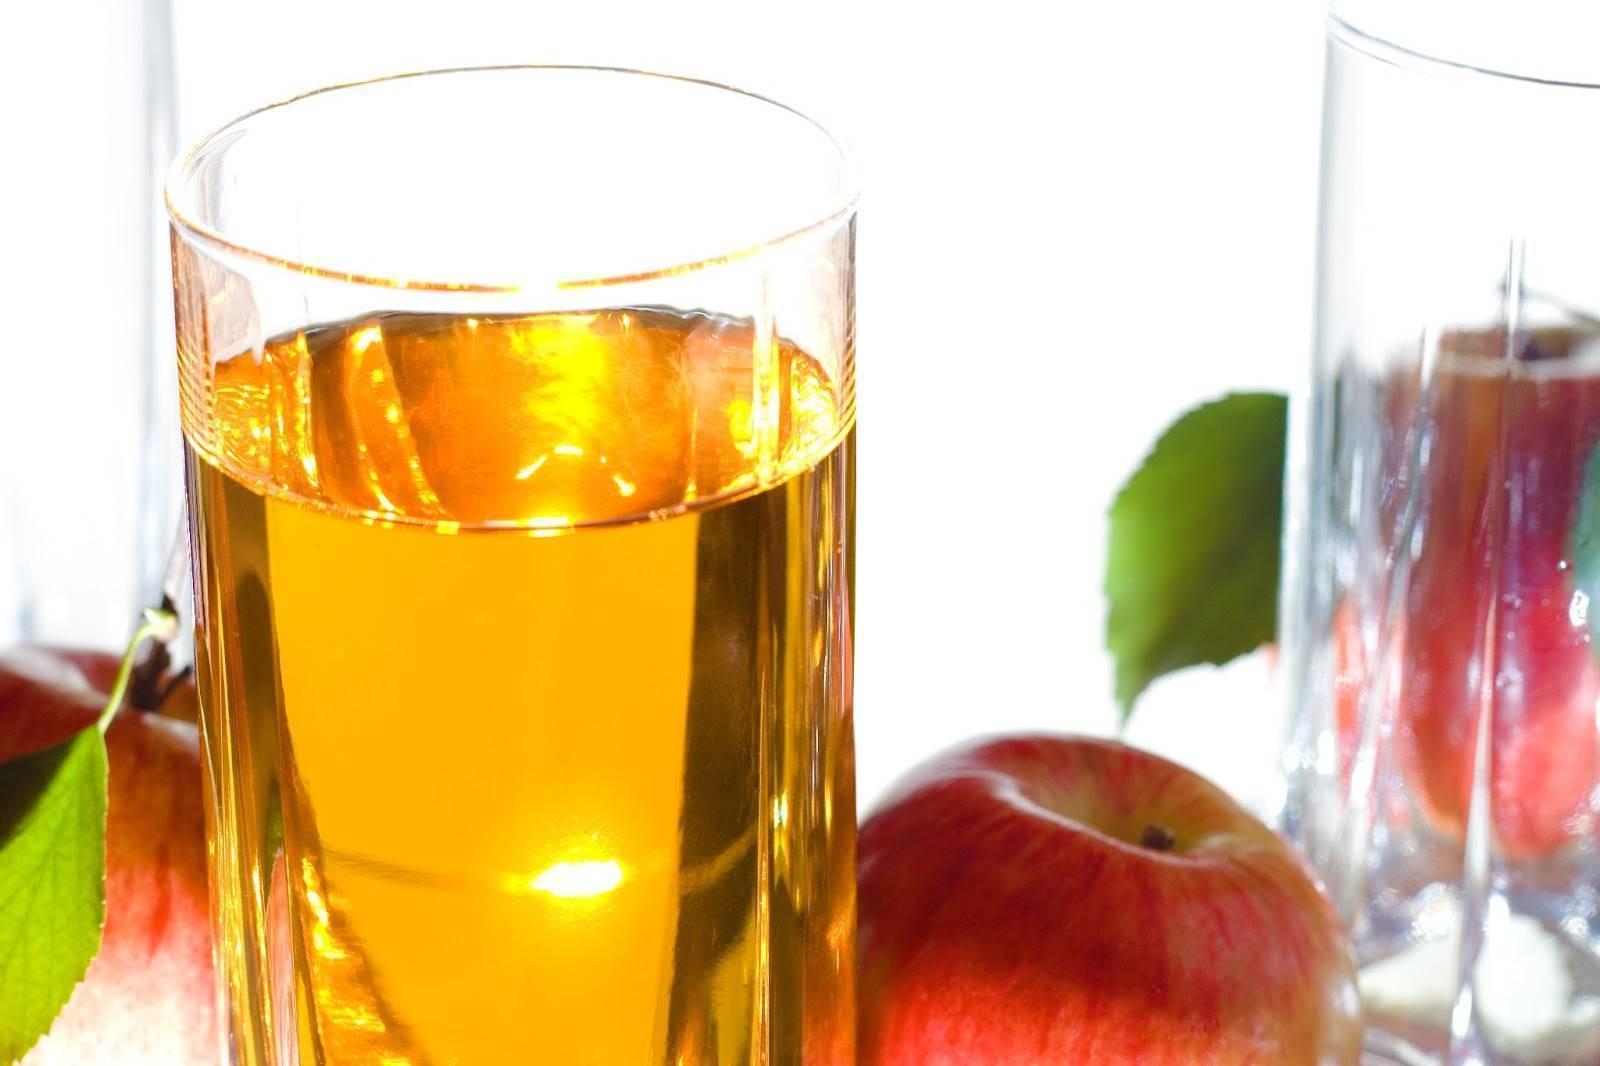 Яблочный сидр в домашних условиях — технология и рецепты приготовления